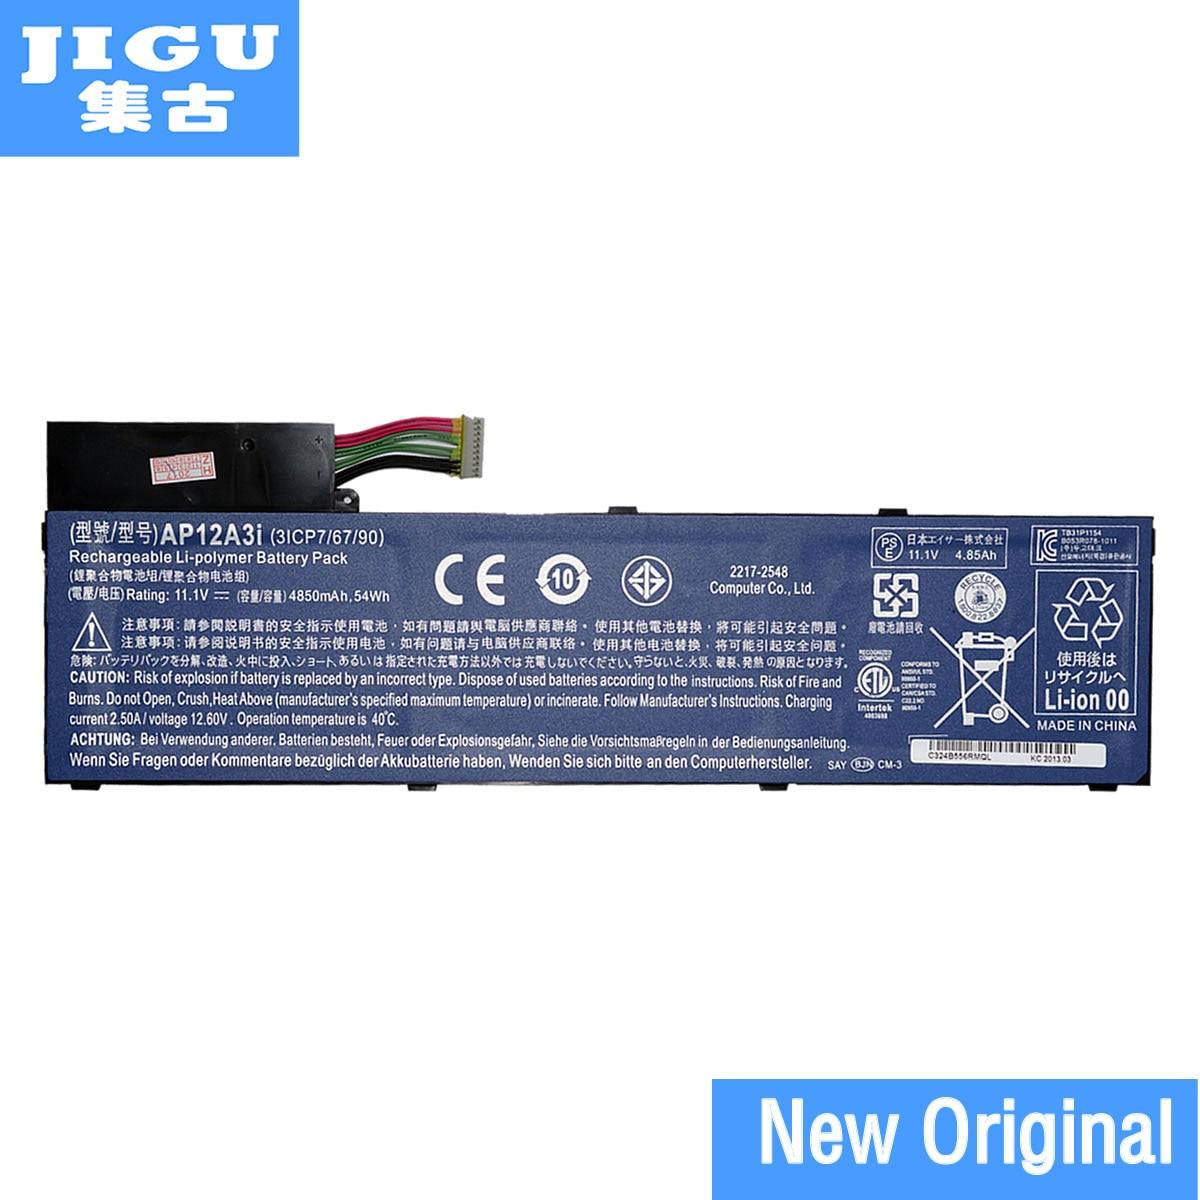 JIGU AP12A3I Batterie D'ordinateur Portable D'origine Pour ACER Aspire Timeline Ultra M3 M5 M3-581 M5-481 M5-581 AP12A4i M3-581TG